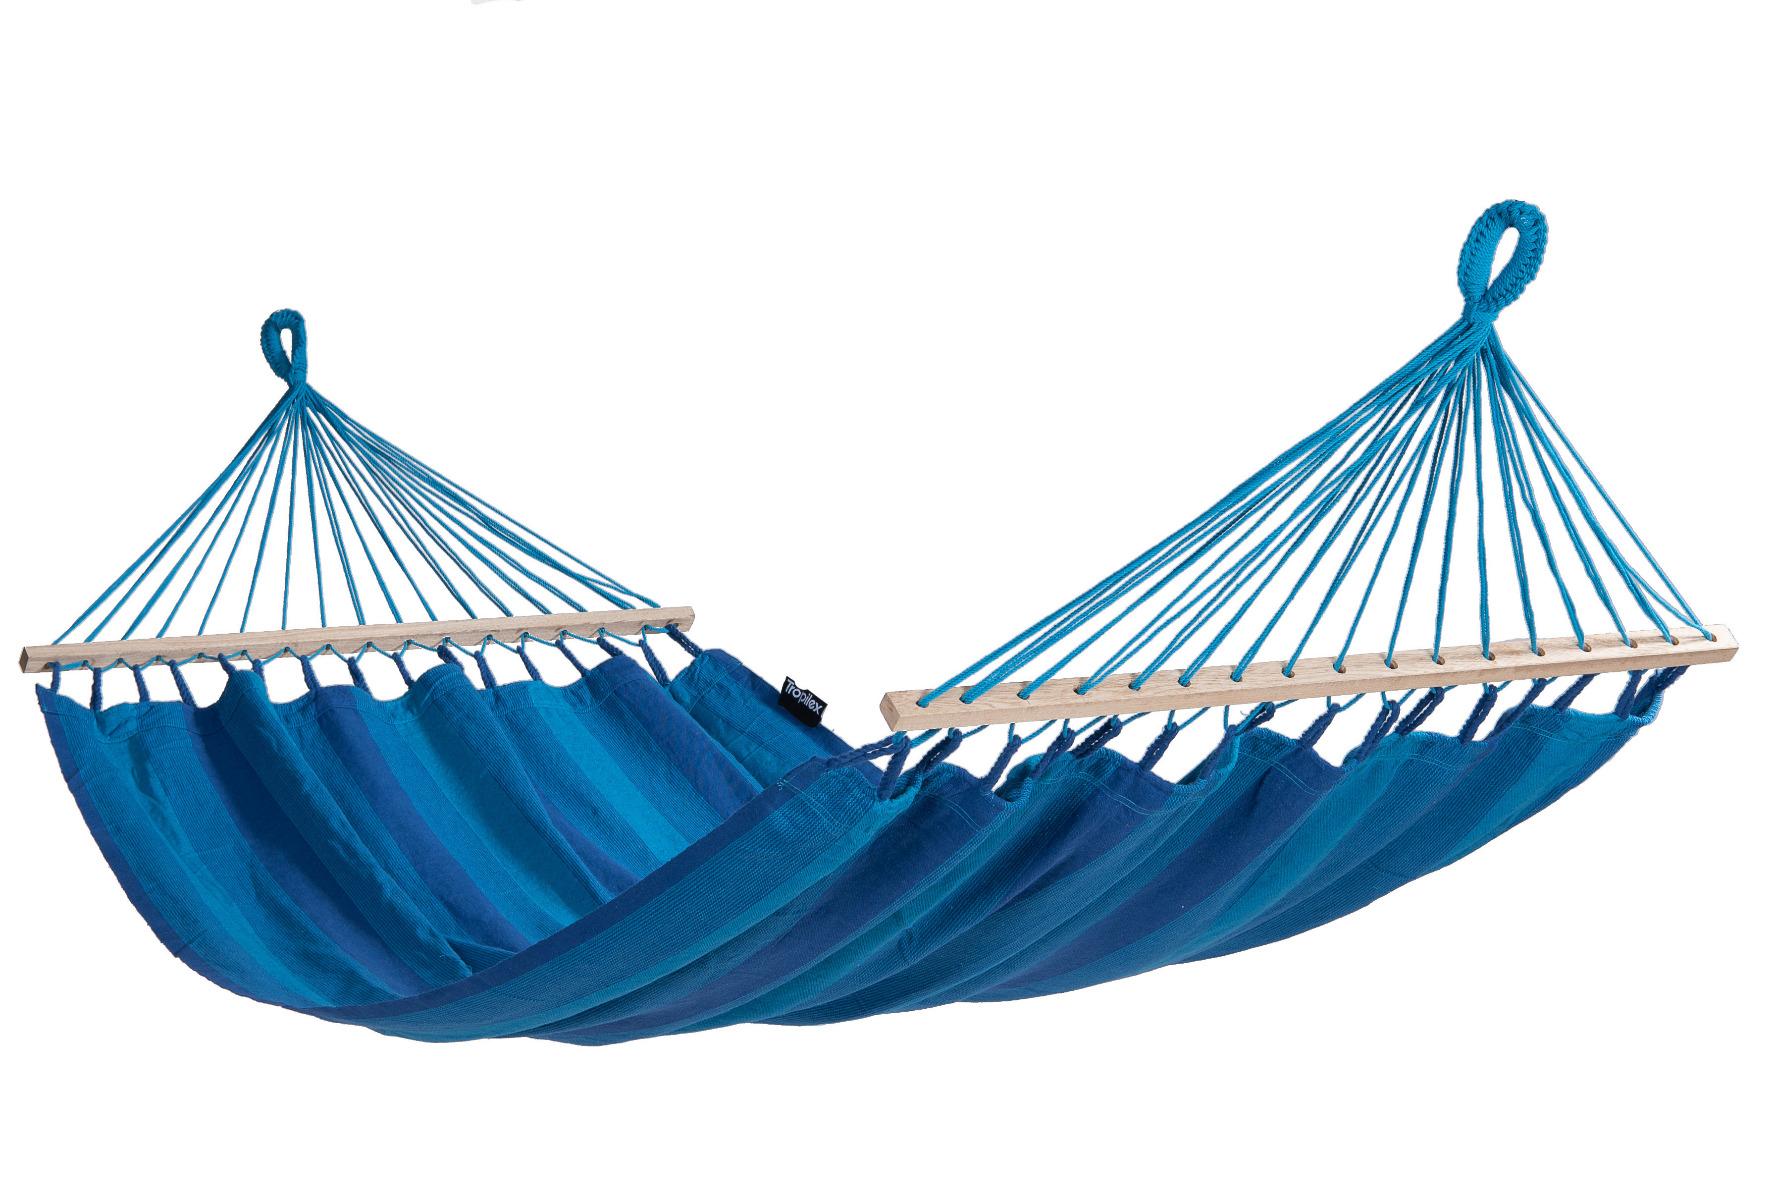 'Relax' Blue E�npersoons Hangmat - Blauw - Tropilex �